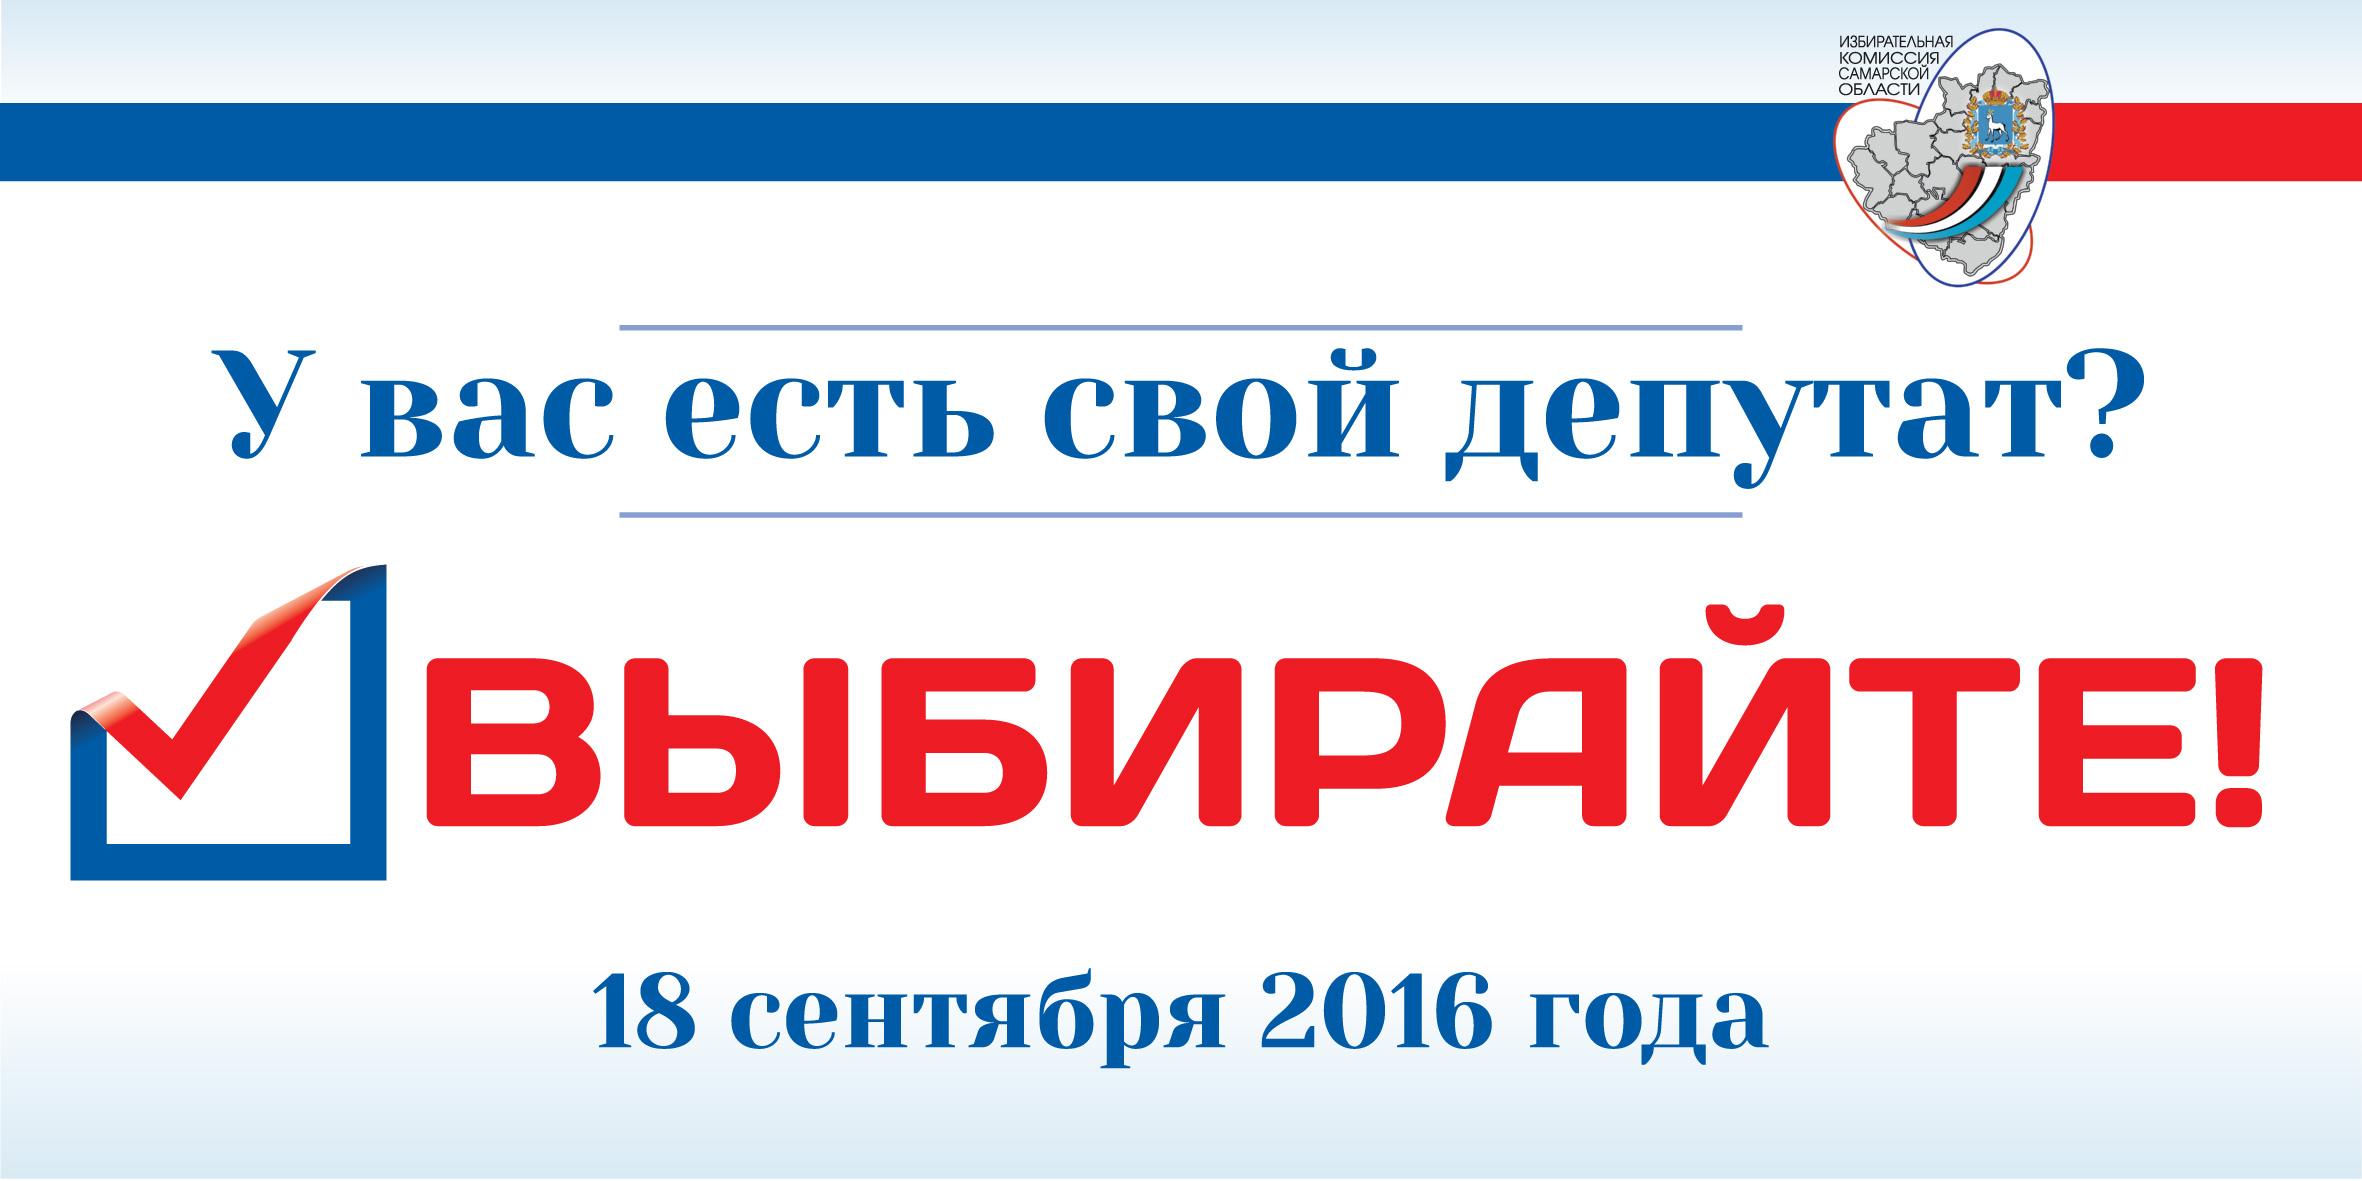 Избирательная комиссия Самарской области